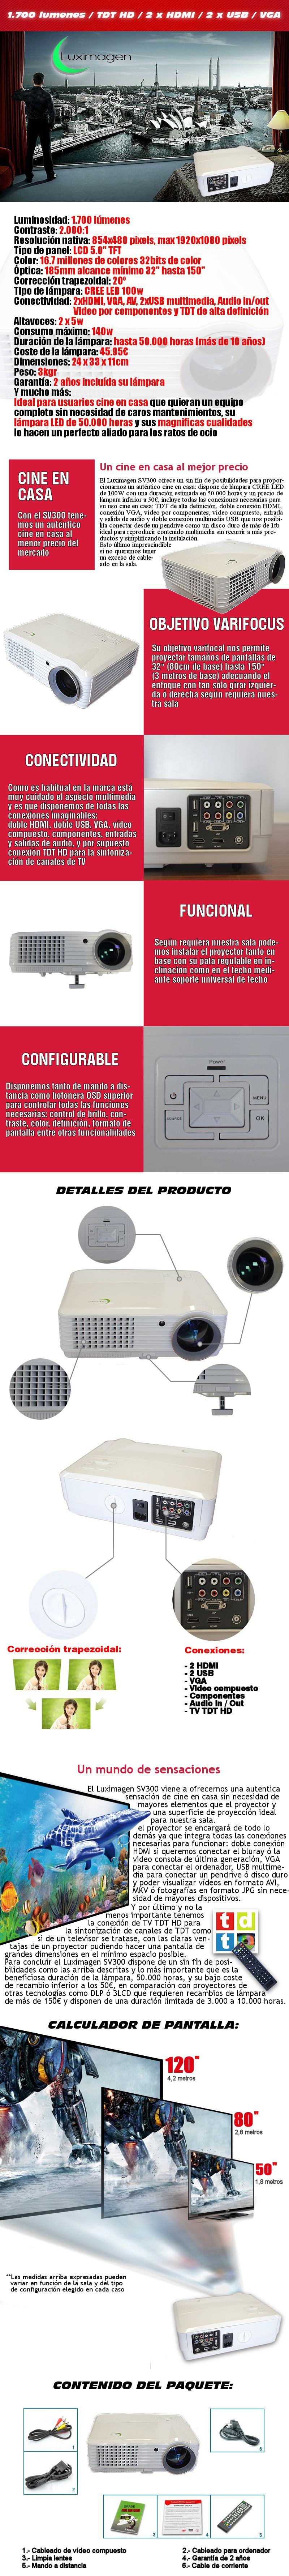 proyector luximagen sv300 con tdt incluido